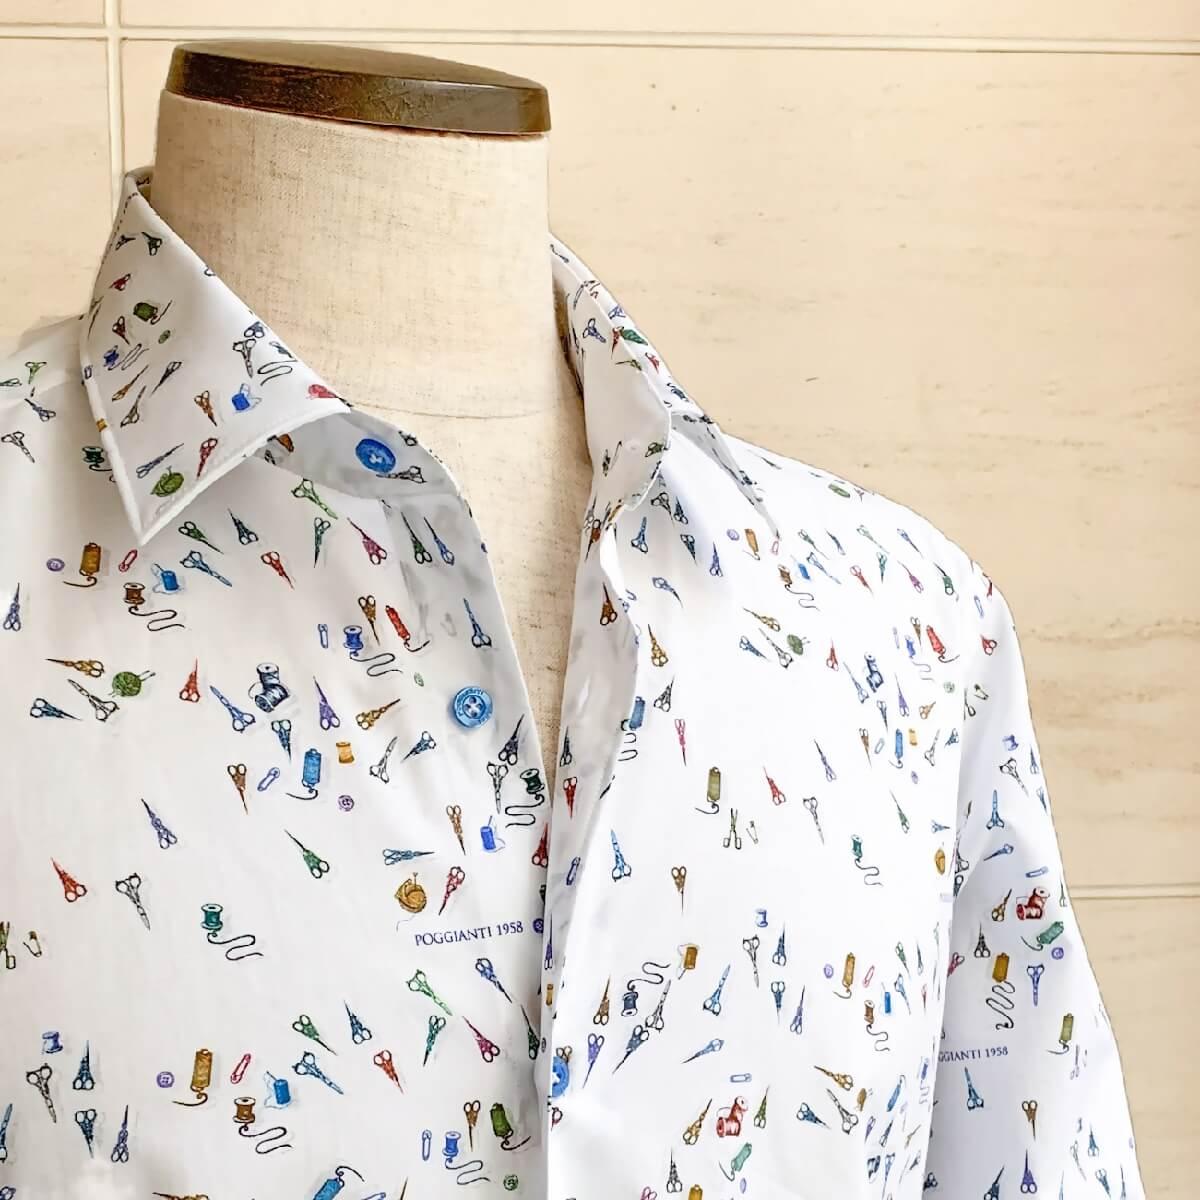 POGGIANTI1958(ポジャンティ)コットンシャツ カジャアルシャツ ブランド メンズ シャツ カジュアル イタリア おしゃれ 裁縫柄